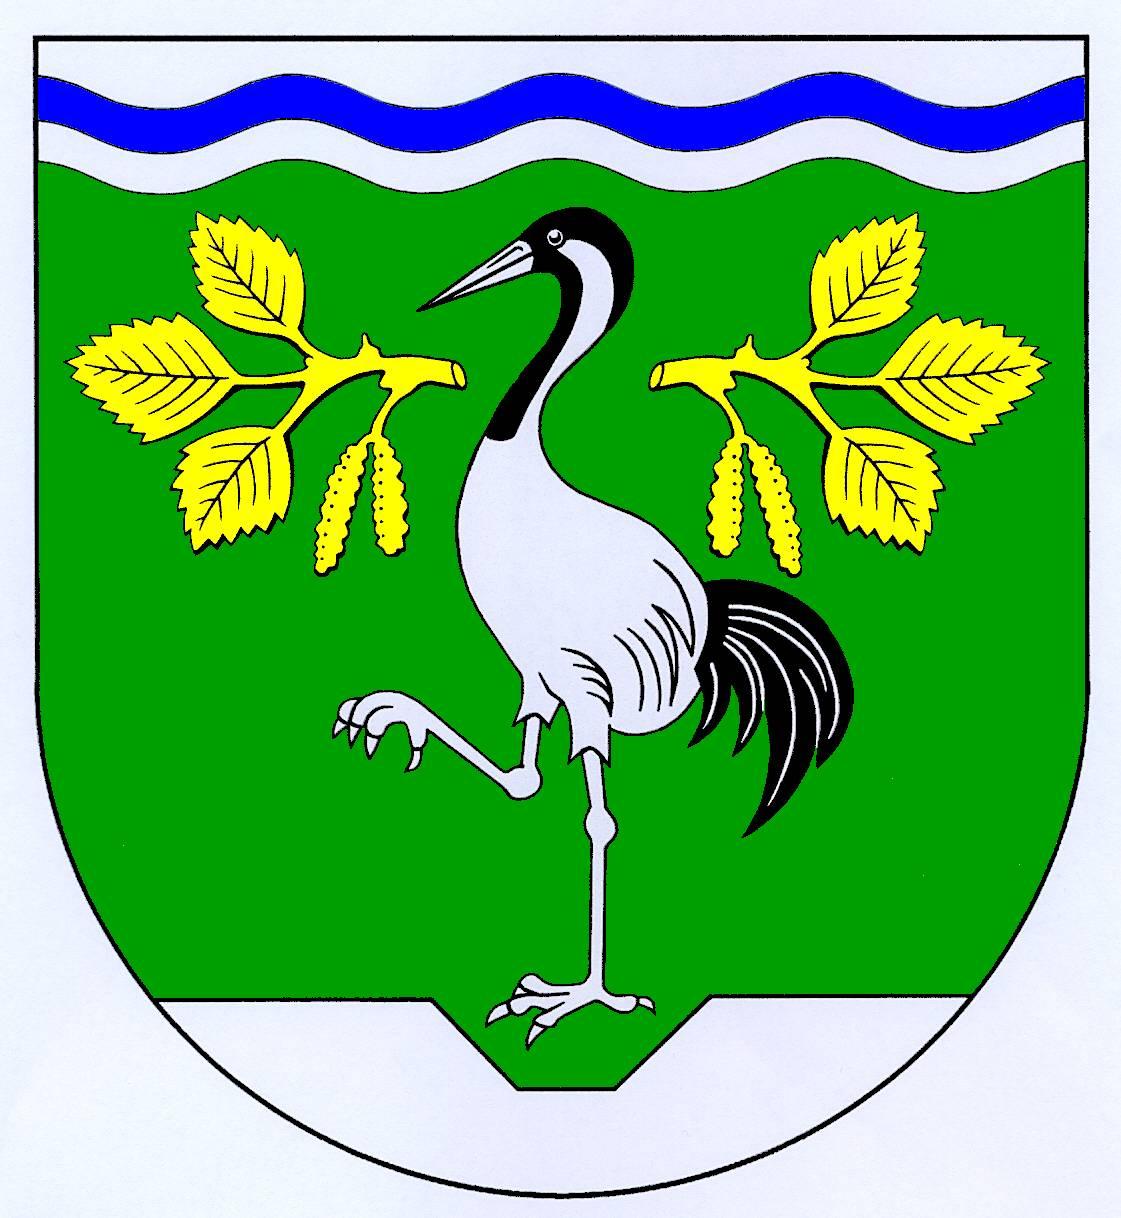 Wappen GemeindeKronsmoor, Kreis Steinburg